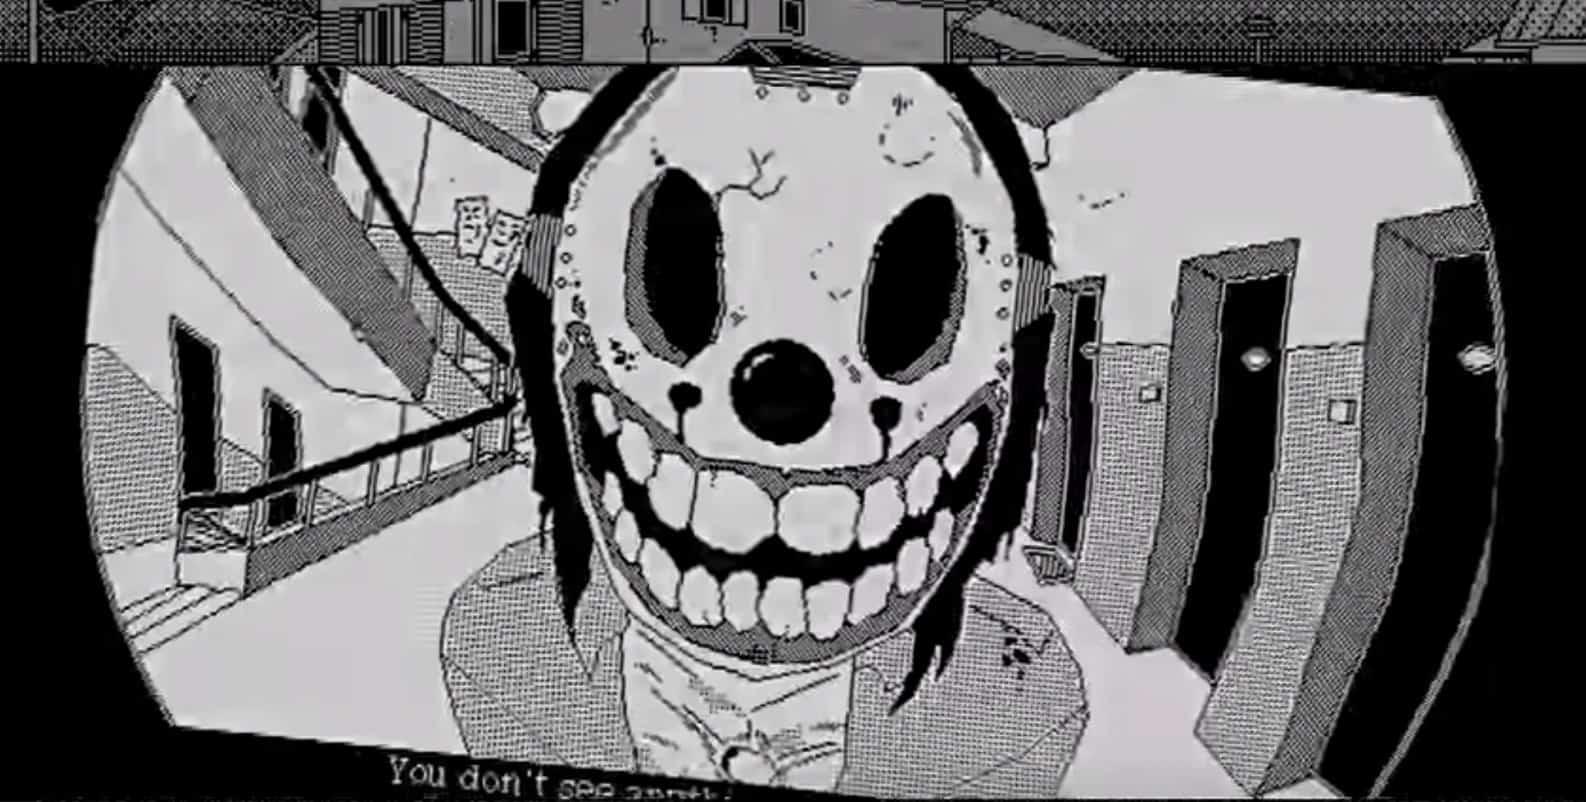 Ce jeu vidéo cauchemardesque a été réalisé entièrement sous MS Paint